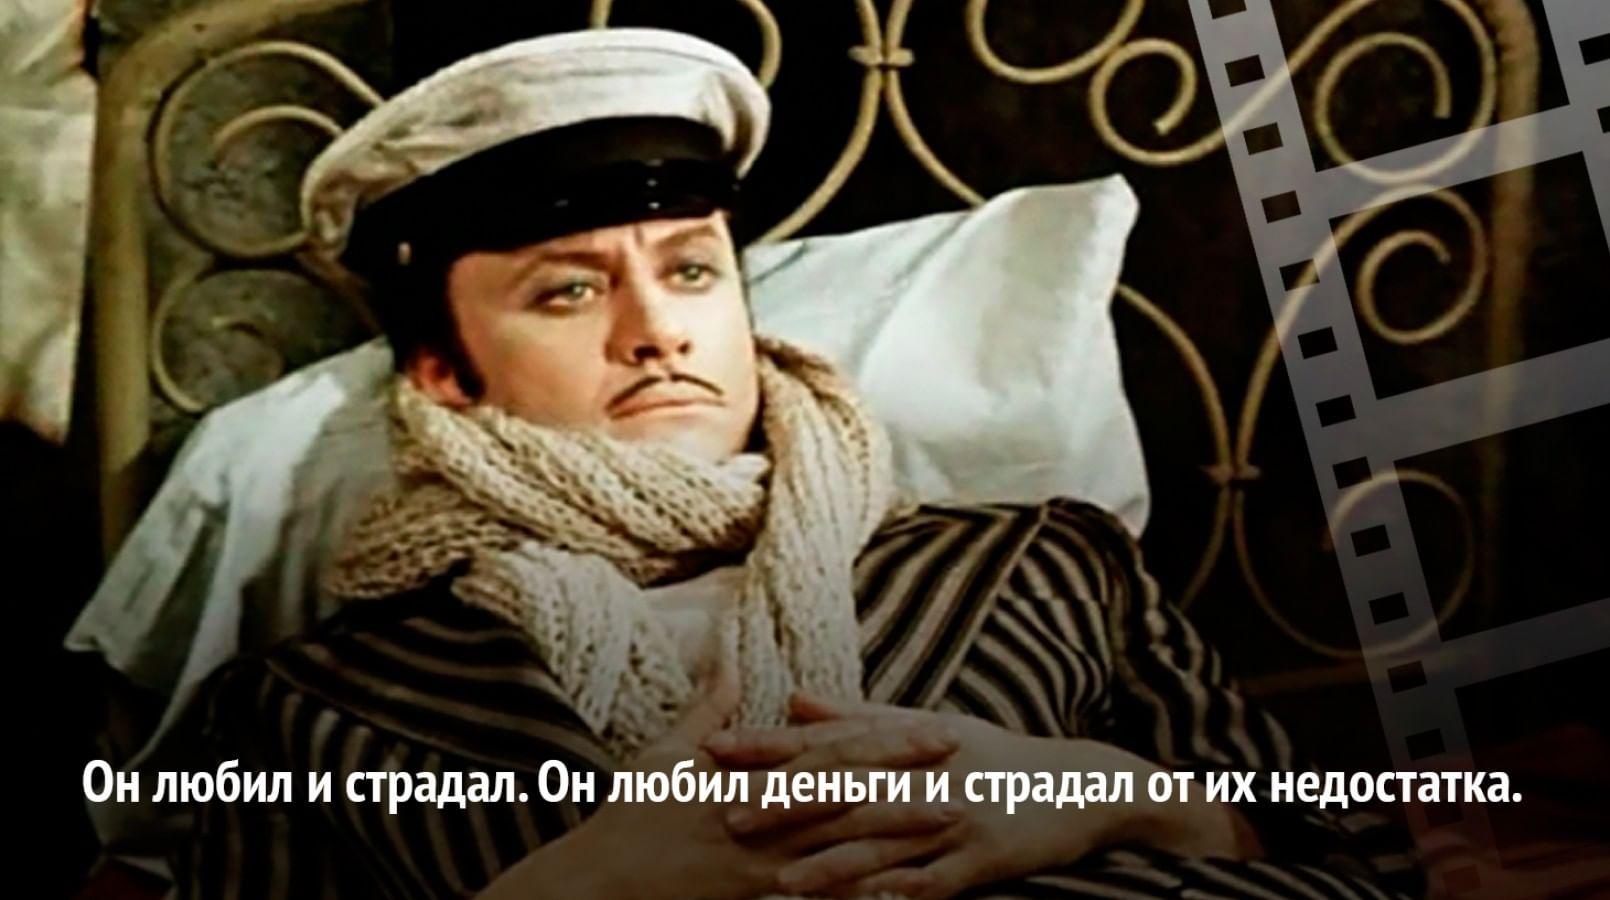 Остап Бендер в фильмах «Двенадцать стульев» и «Золотой теленок» был великим авантюристом и жуликом.